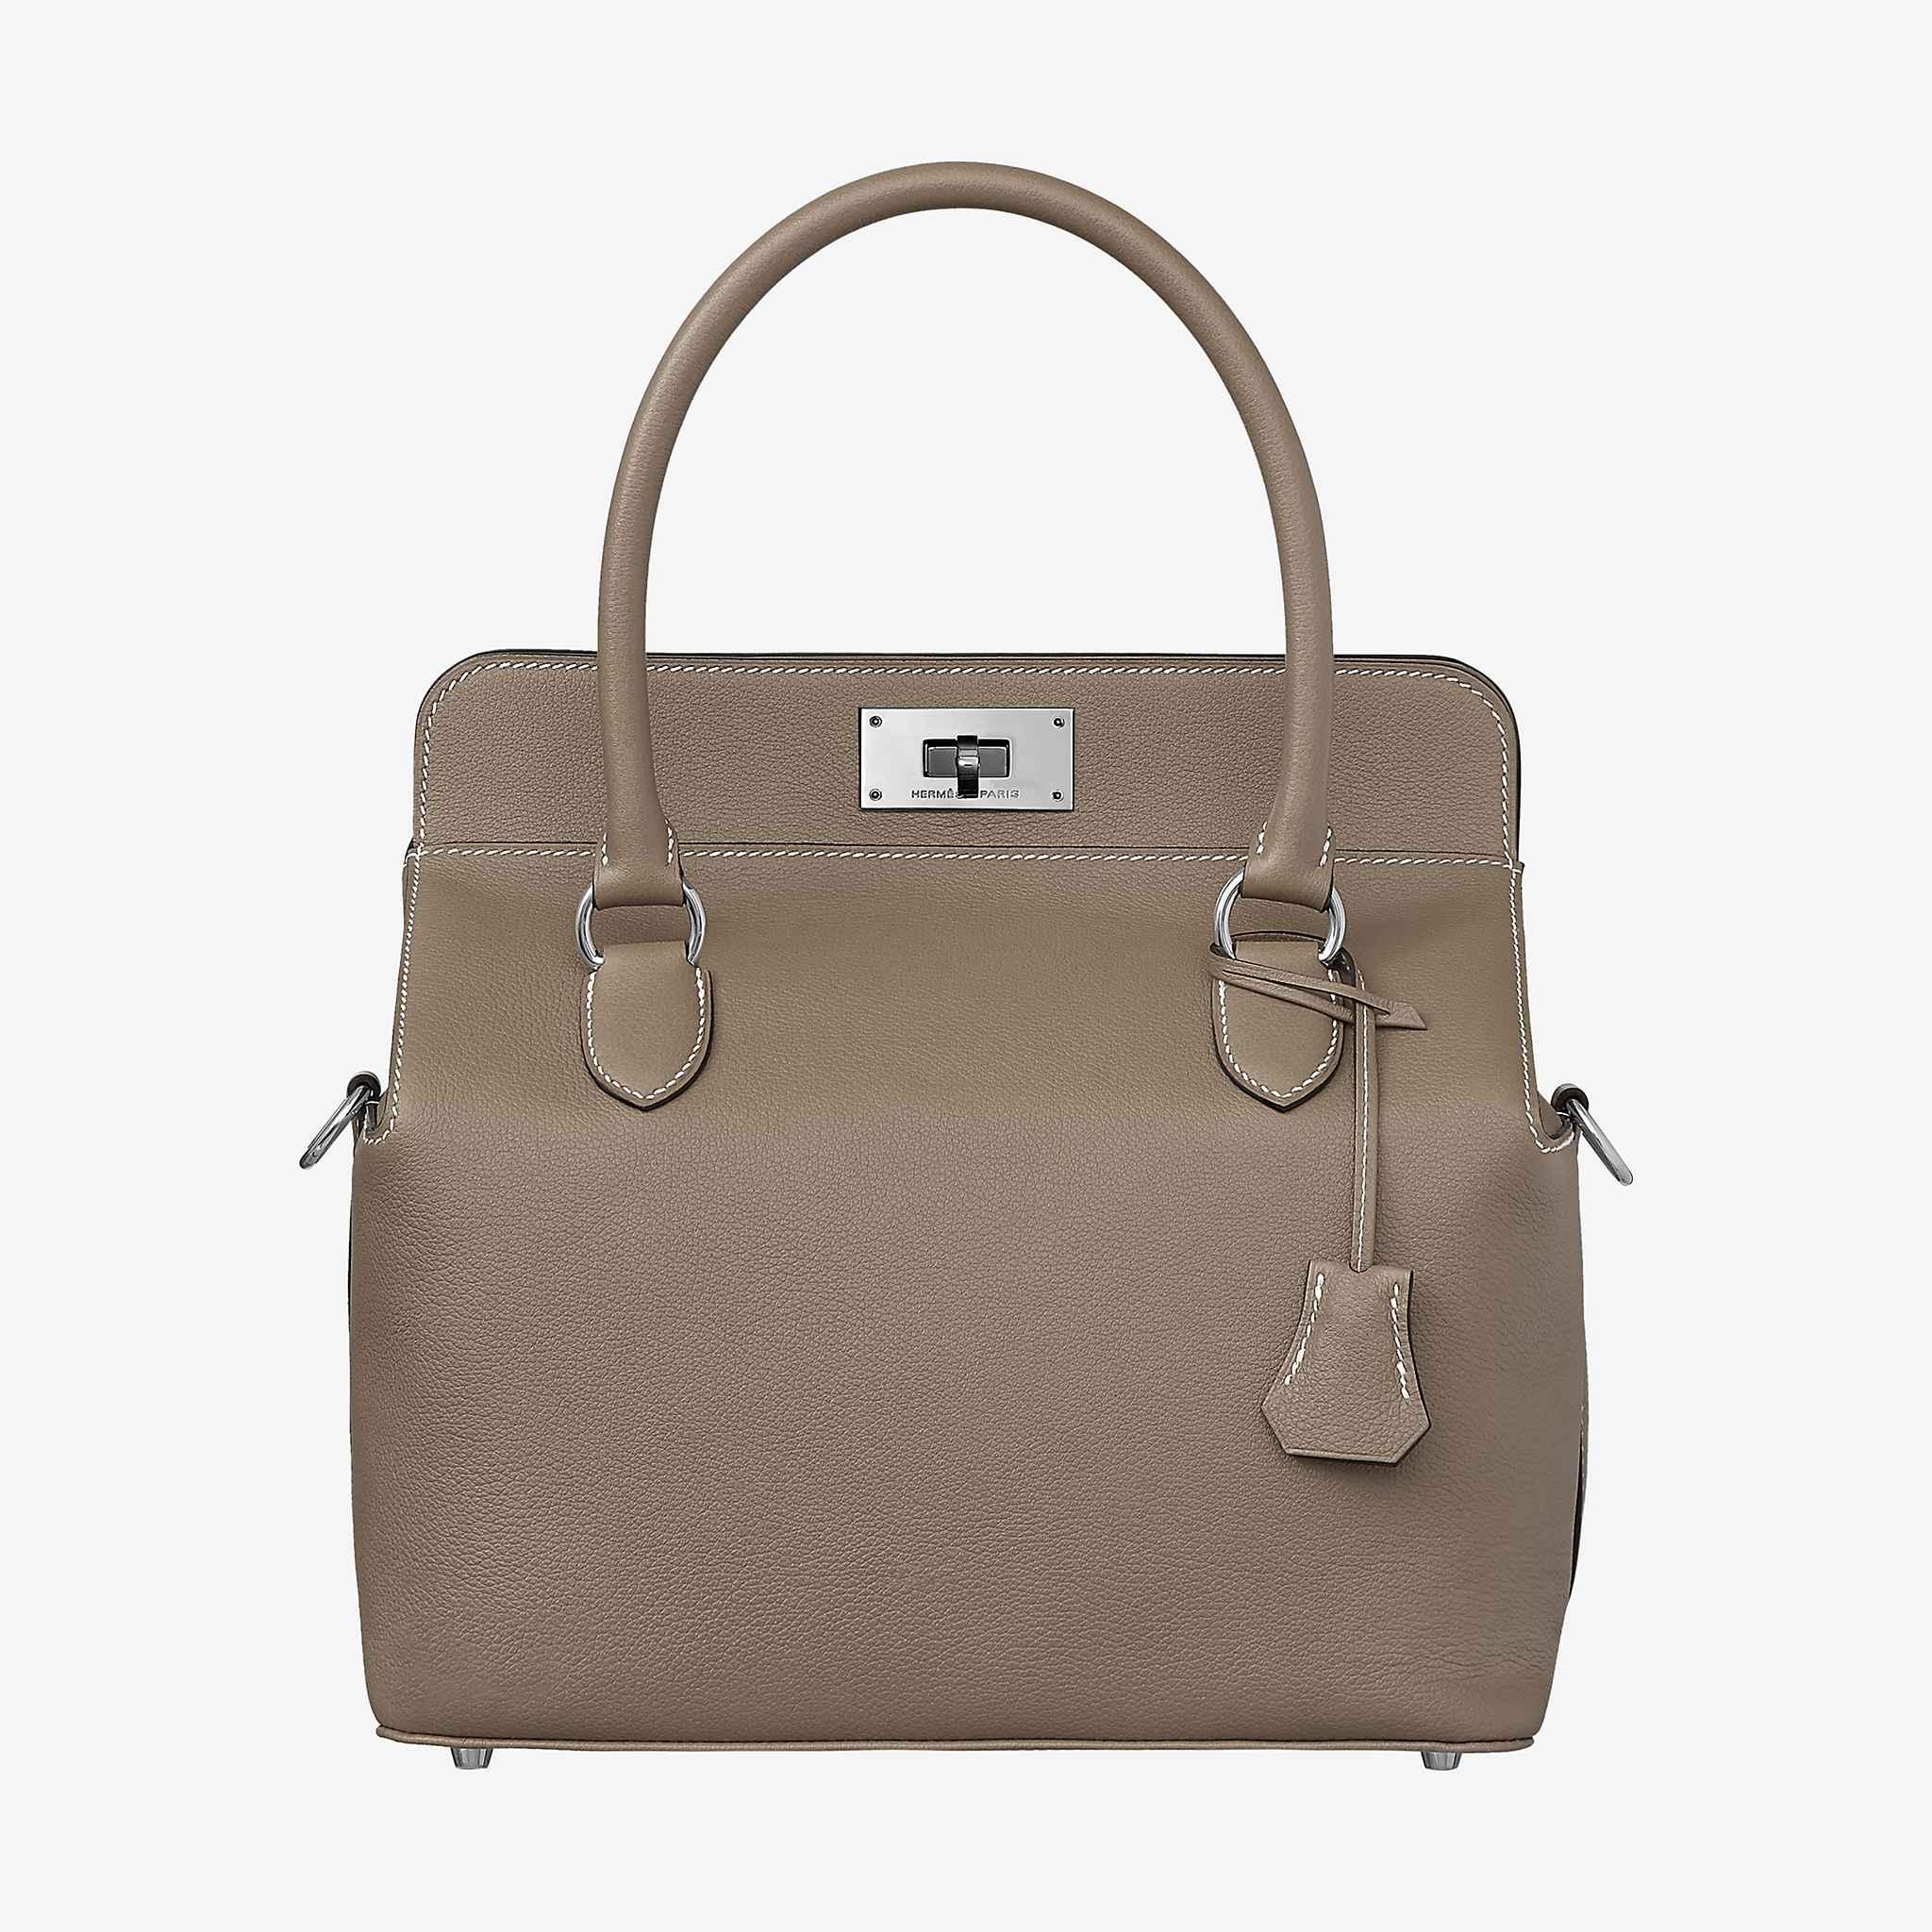 toolbox26-bag-medium-model--064478CKM8-front-1-300-0-2048-2048-q40